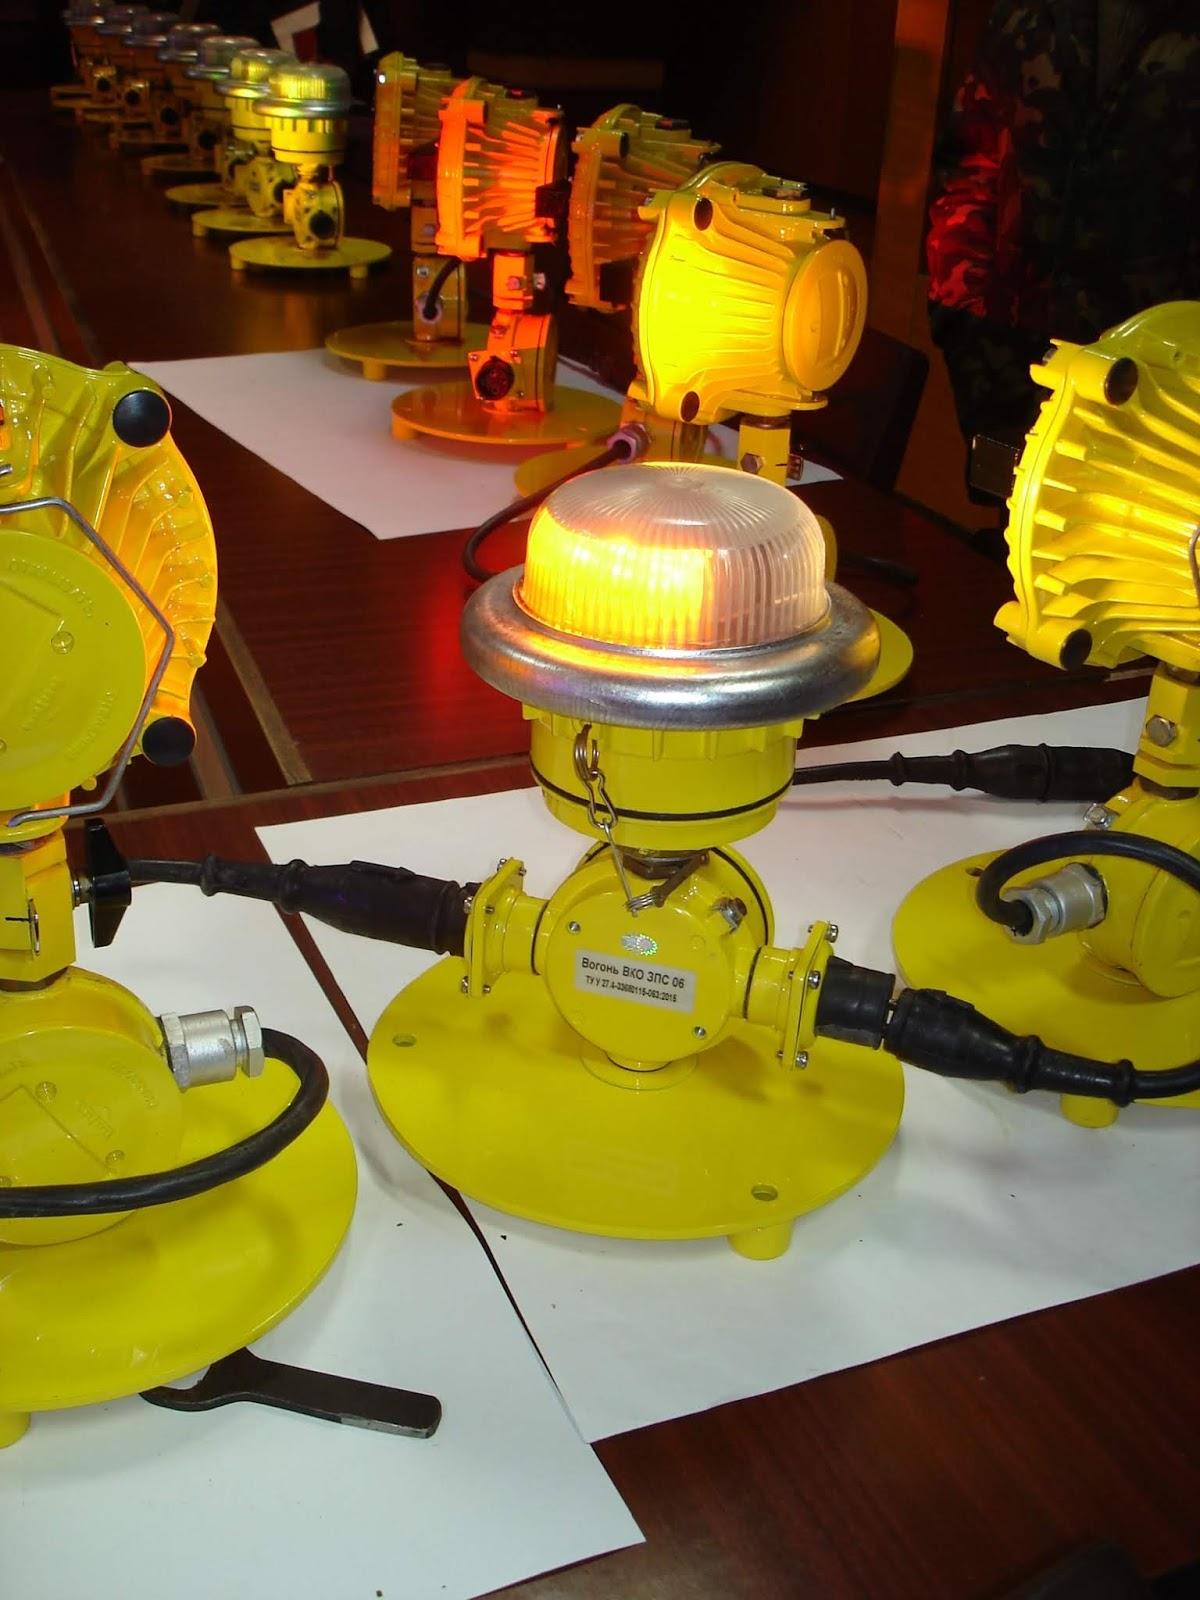 система світлосигнального обладнання Фотон